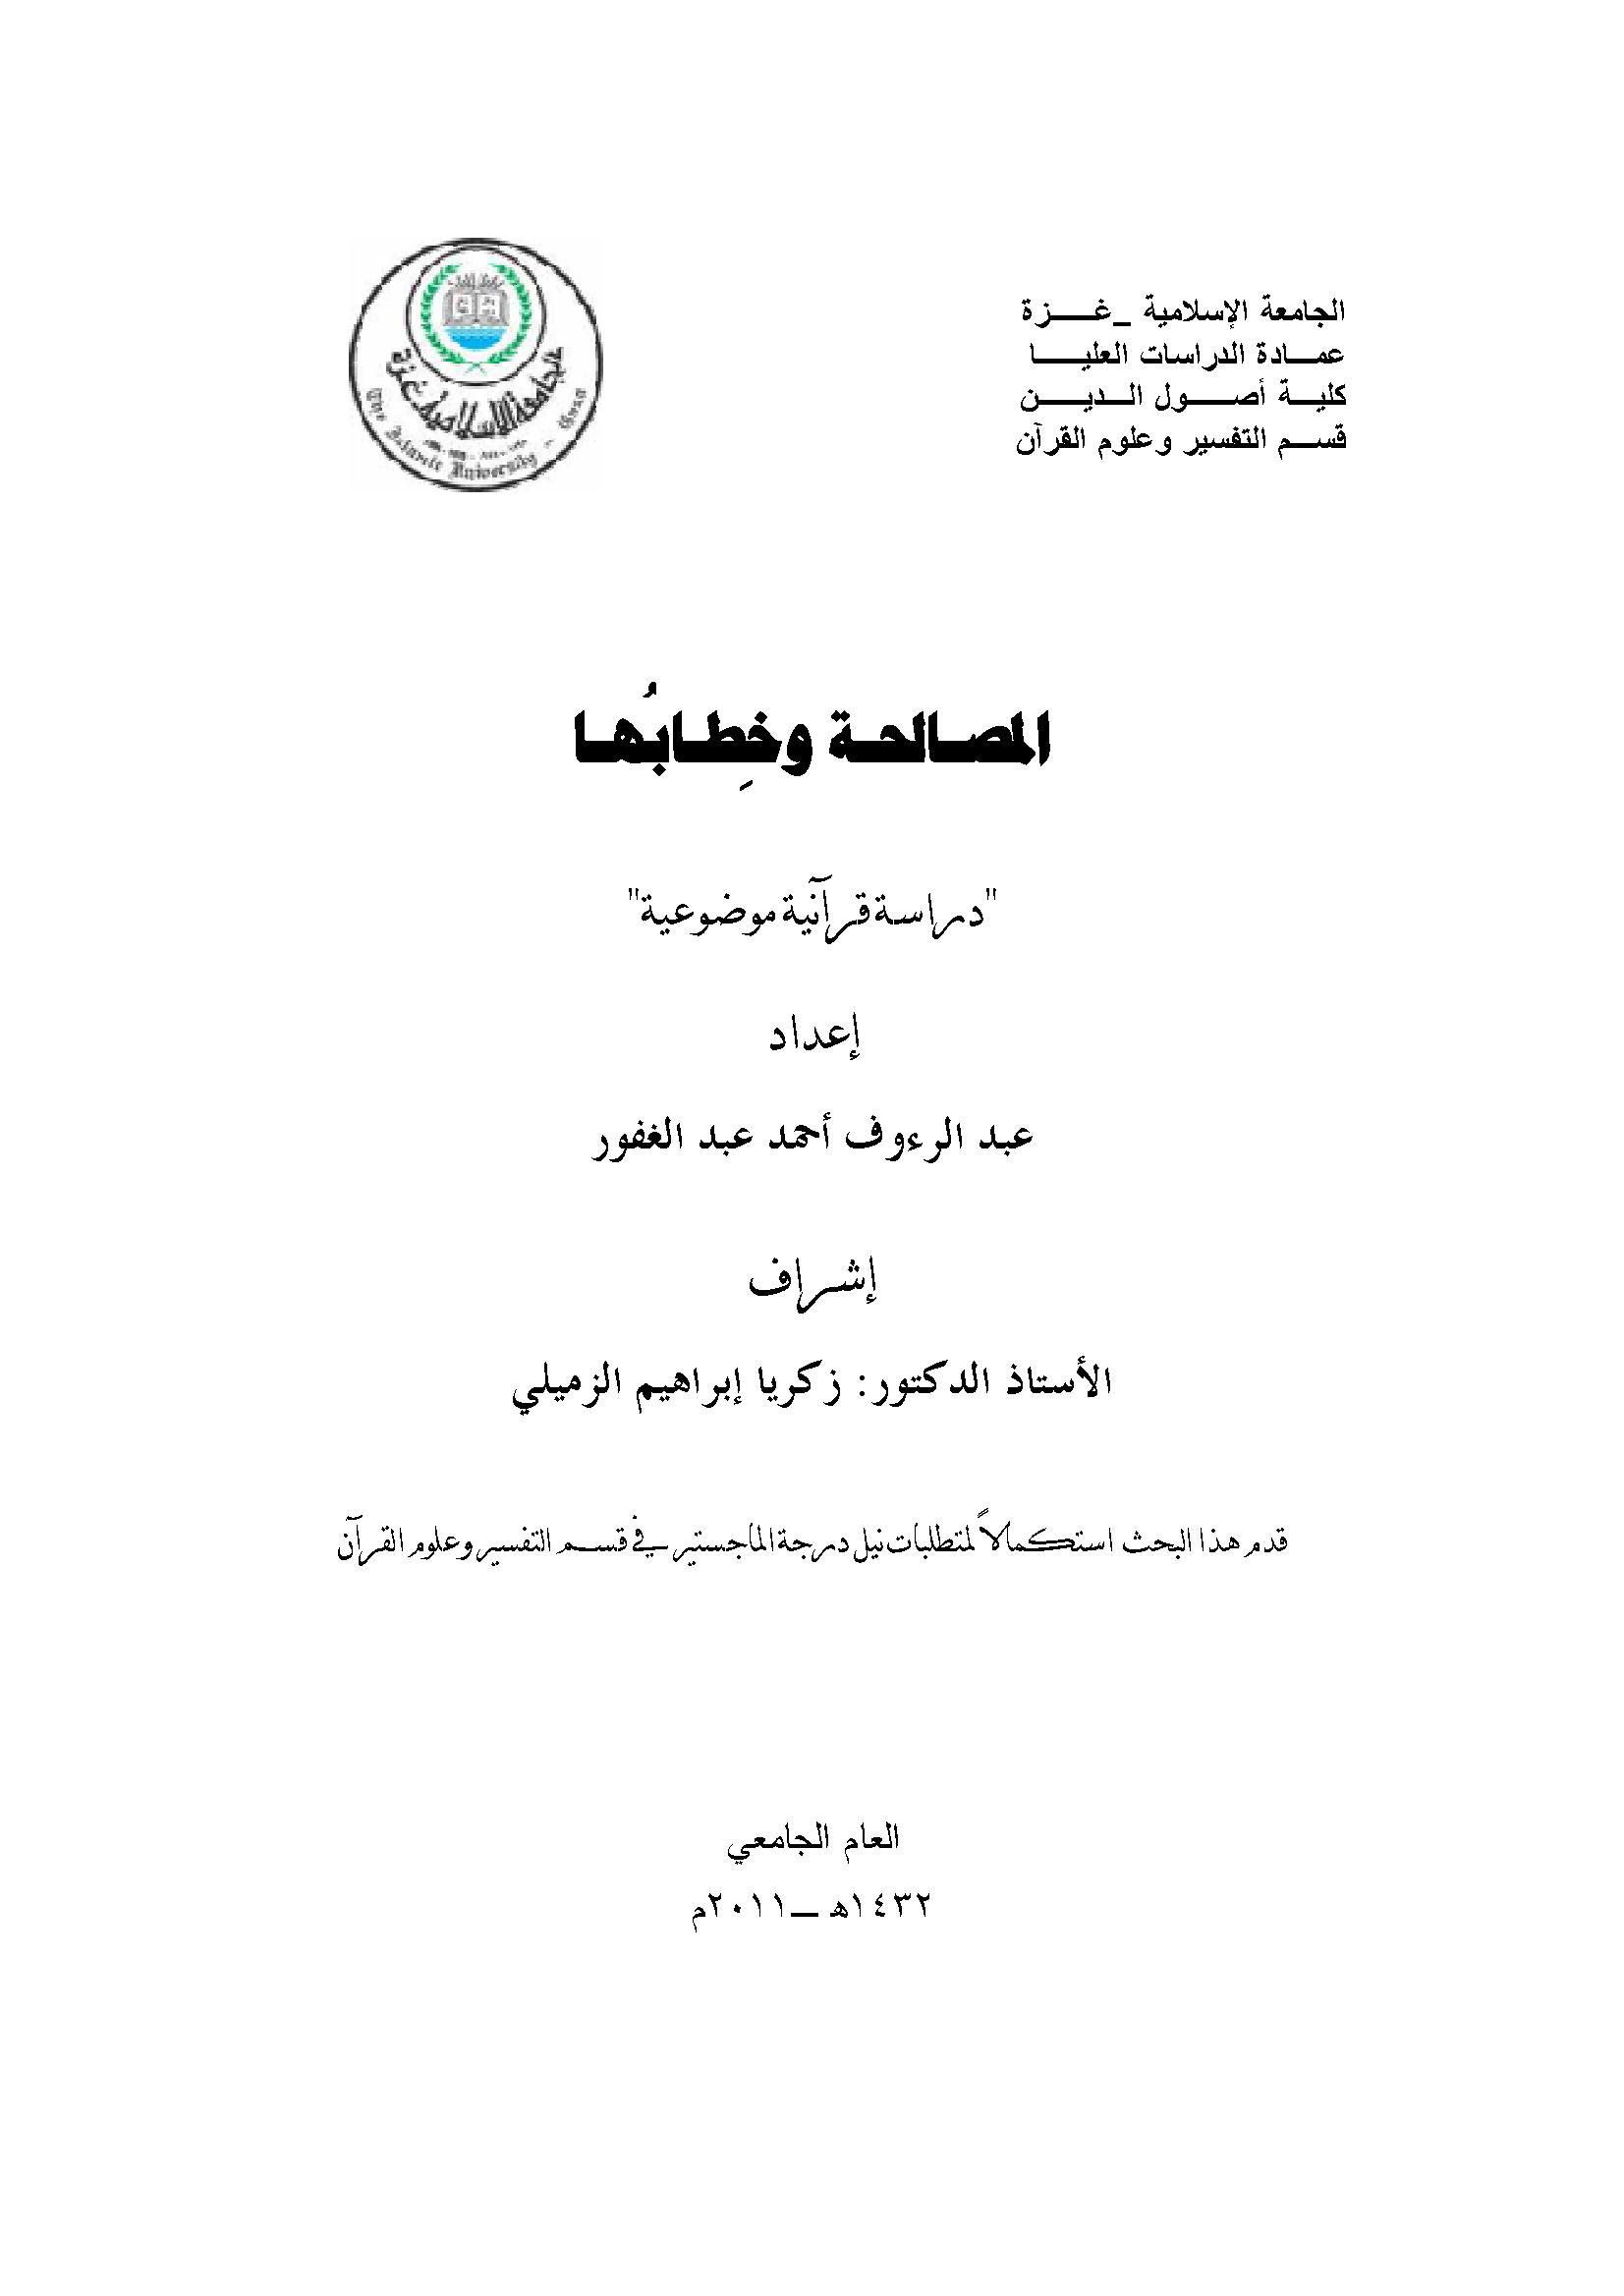 تحميل كتاب المصالحة وخطابها (دراسة قرآنية موضوعية) لـِ: عبد الرؤوف أحمد عبد الغفور